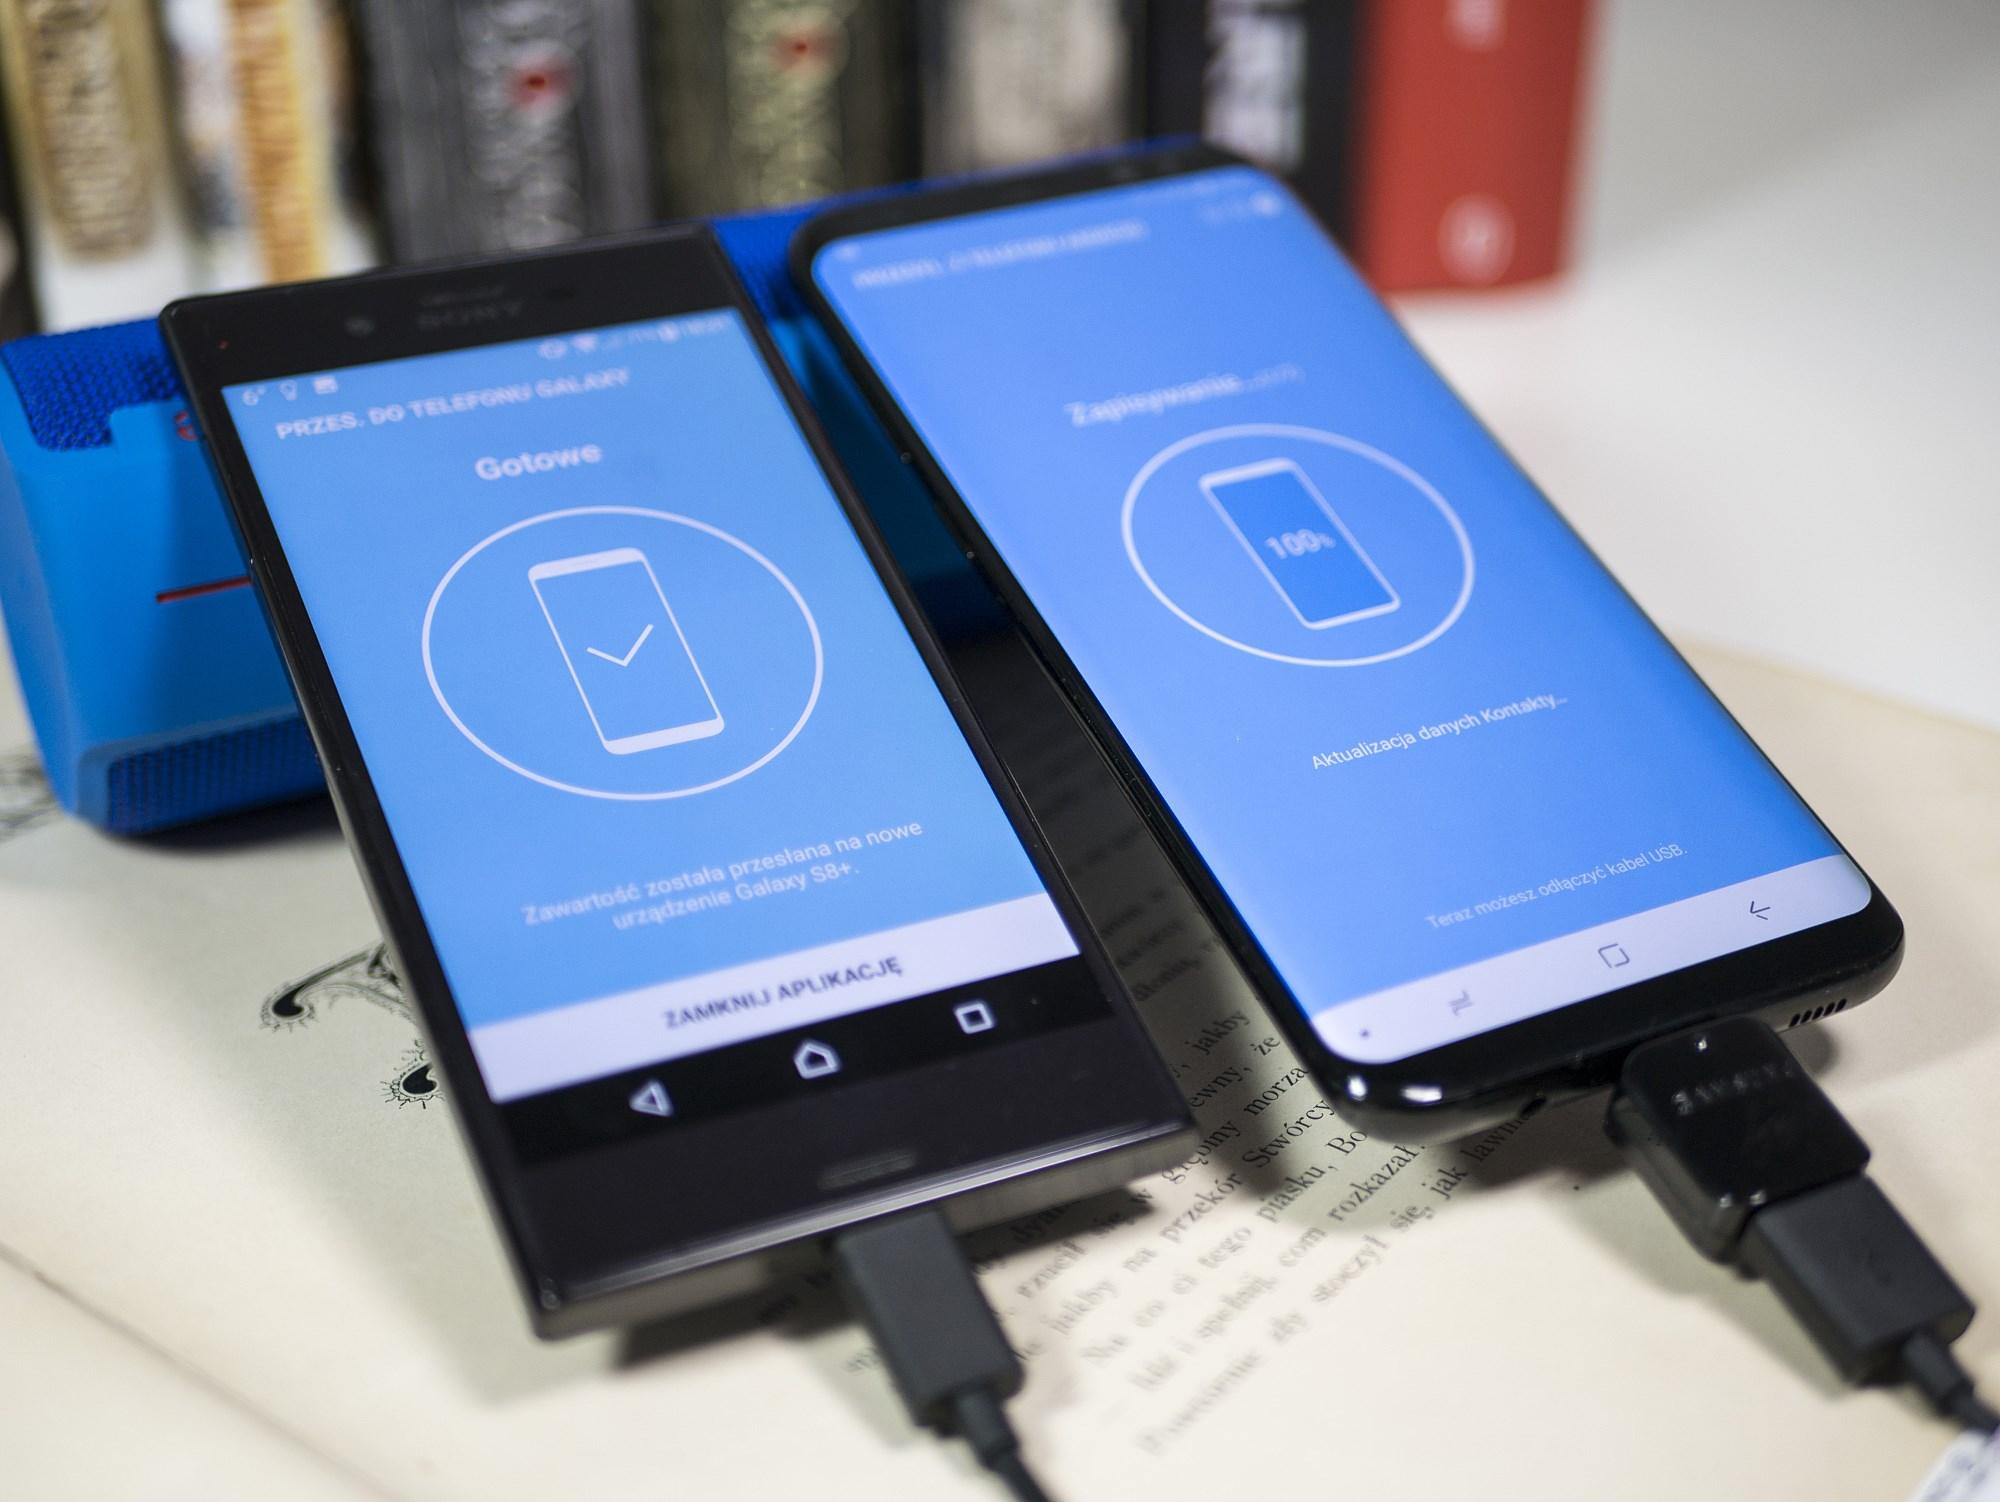 BlackBerry serwis randkowy w Nigerii